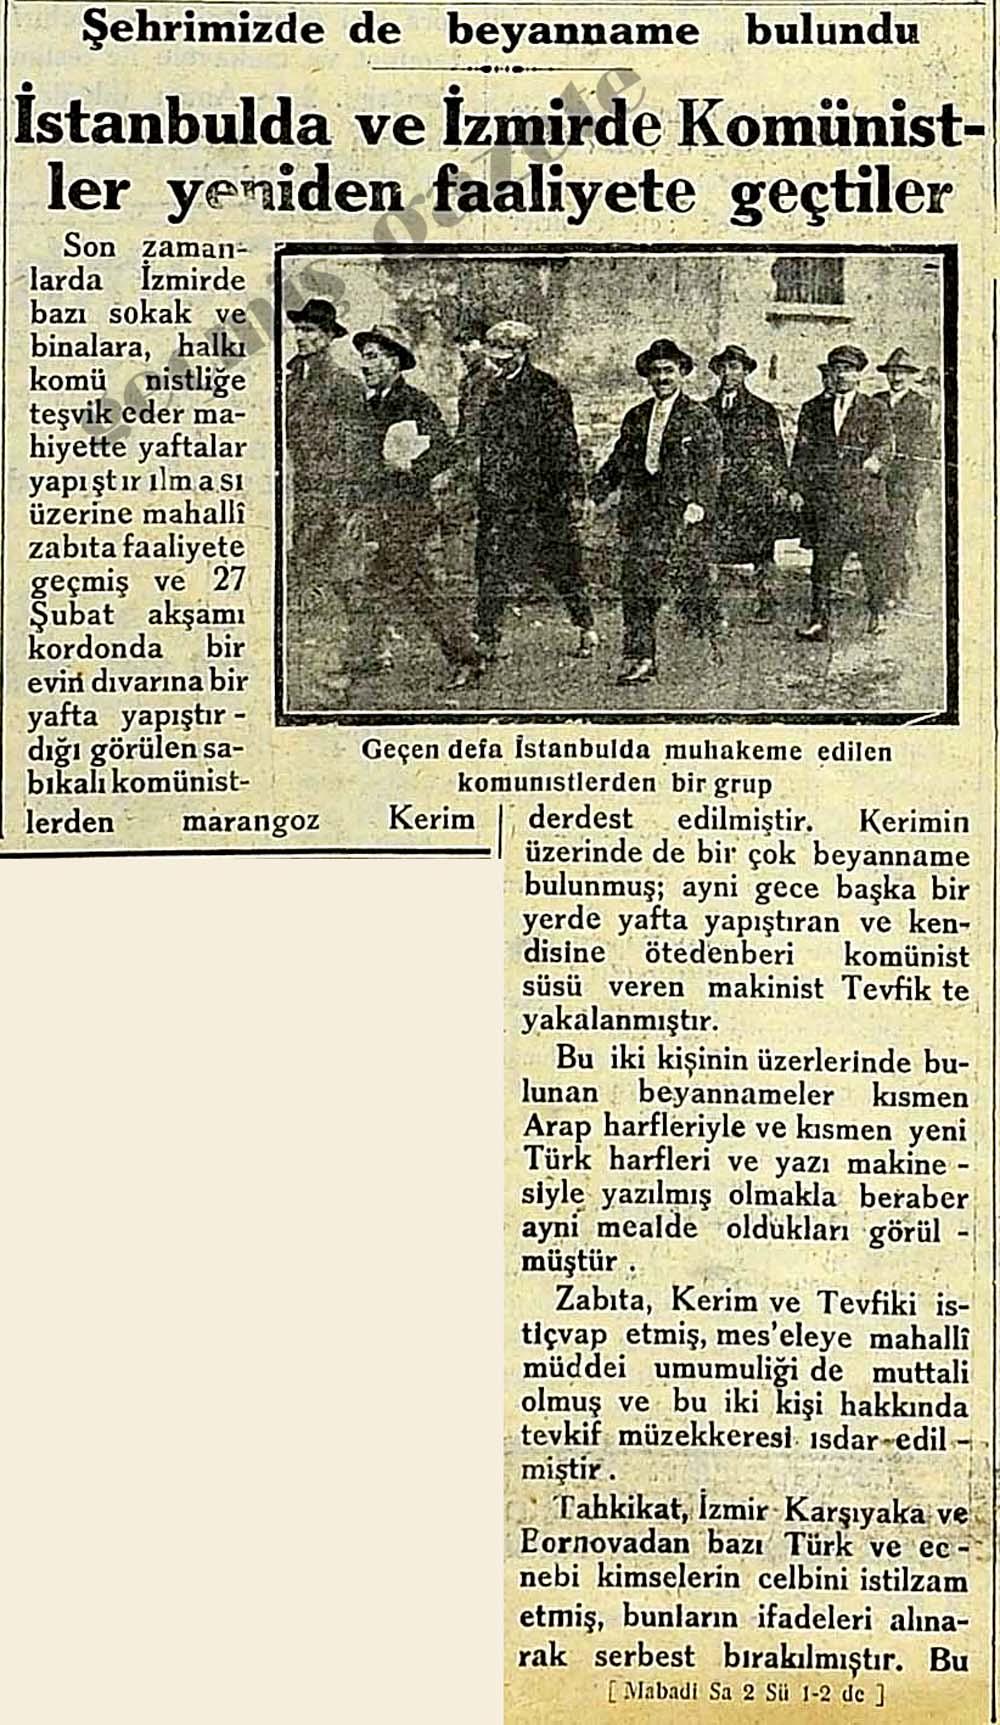 İstanbulda ve İzmirde Komünistler yeniden faaliyete geçtiler